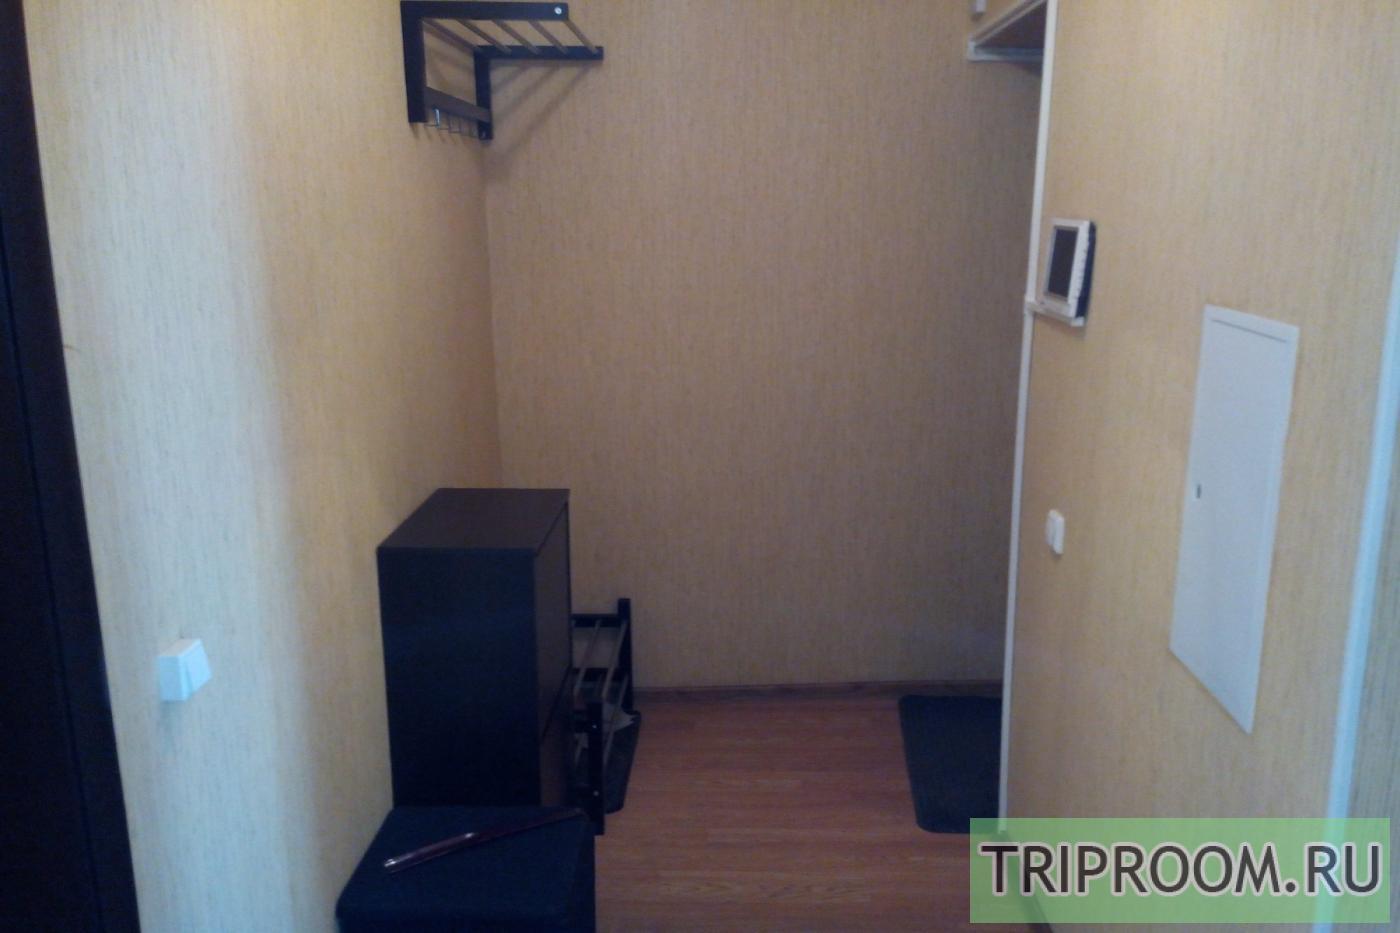 1-комнатная квартира посуточно (вариант № 5966), ул. Гоголя улица, фото № 15